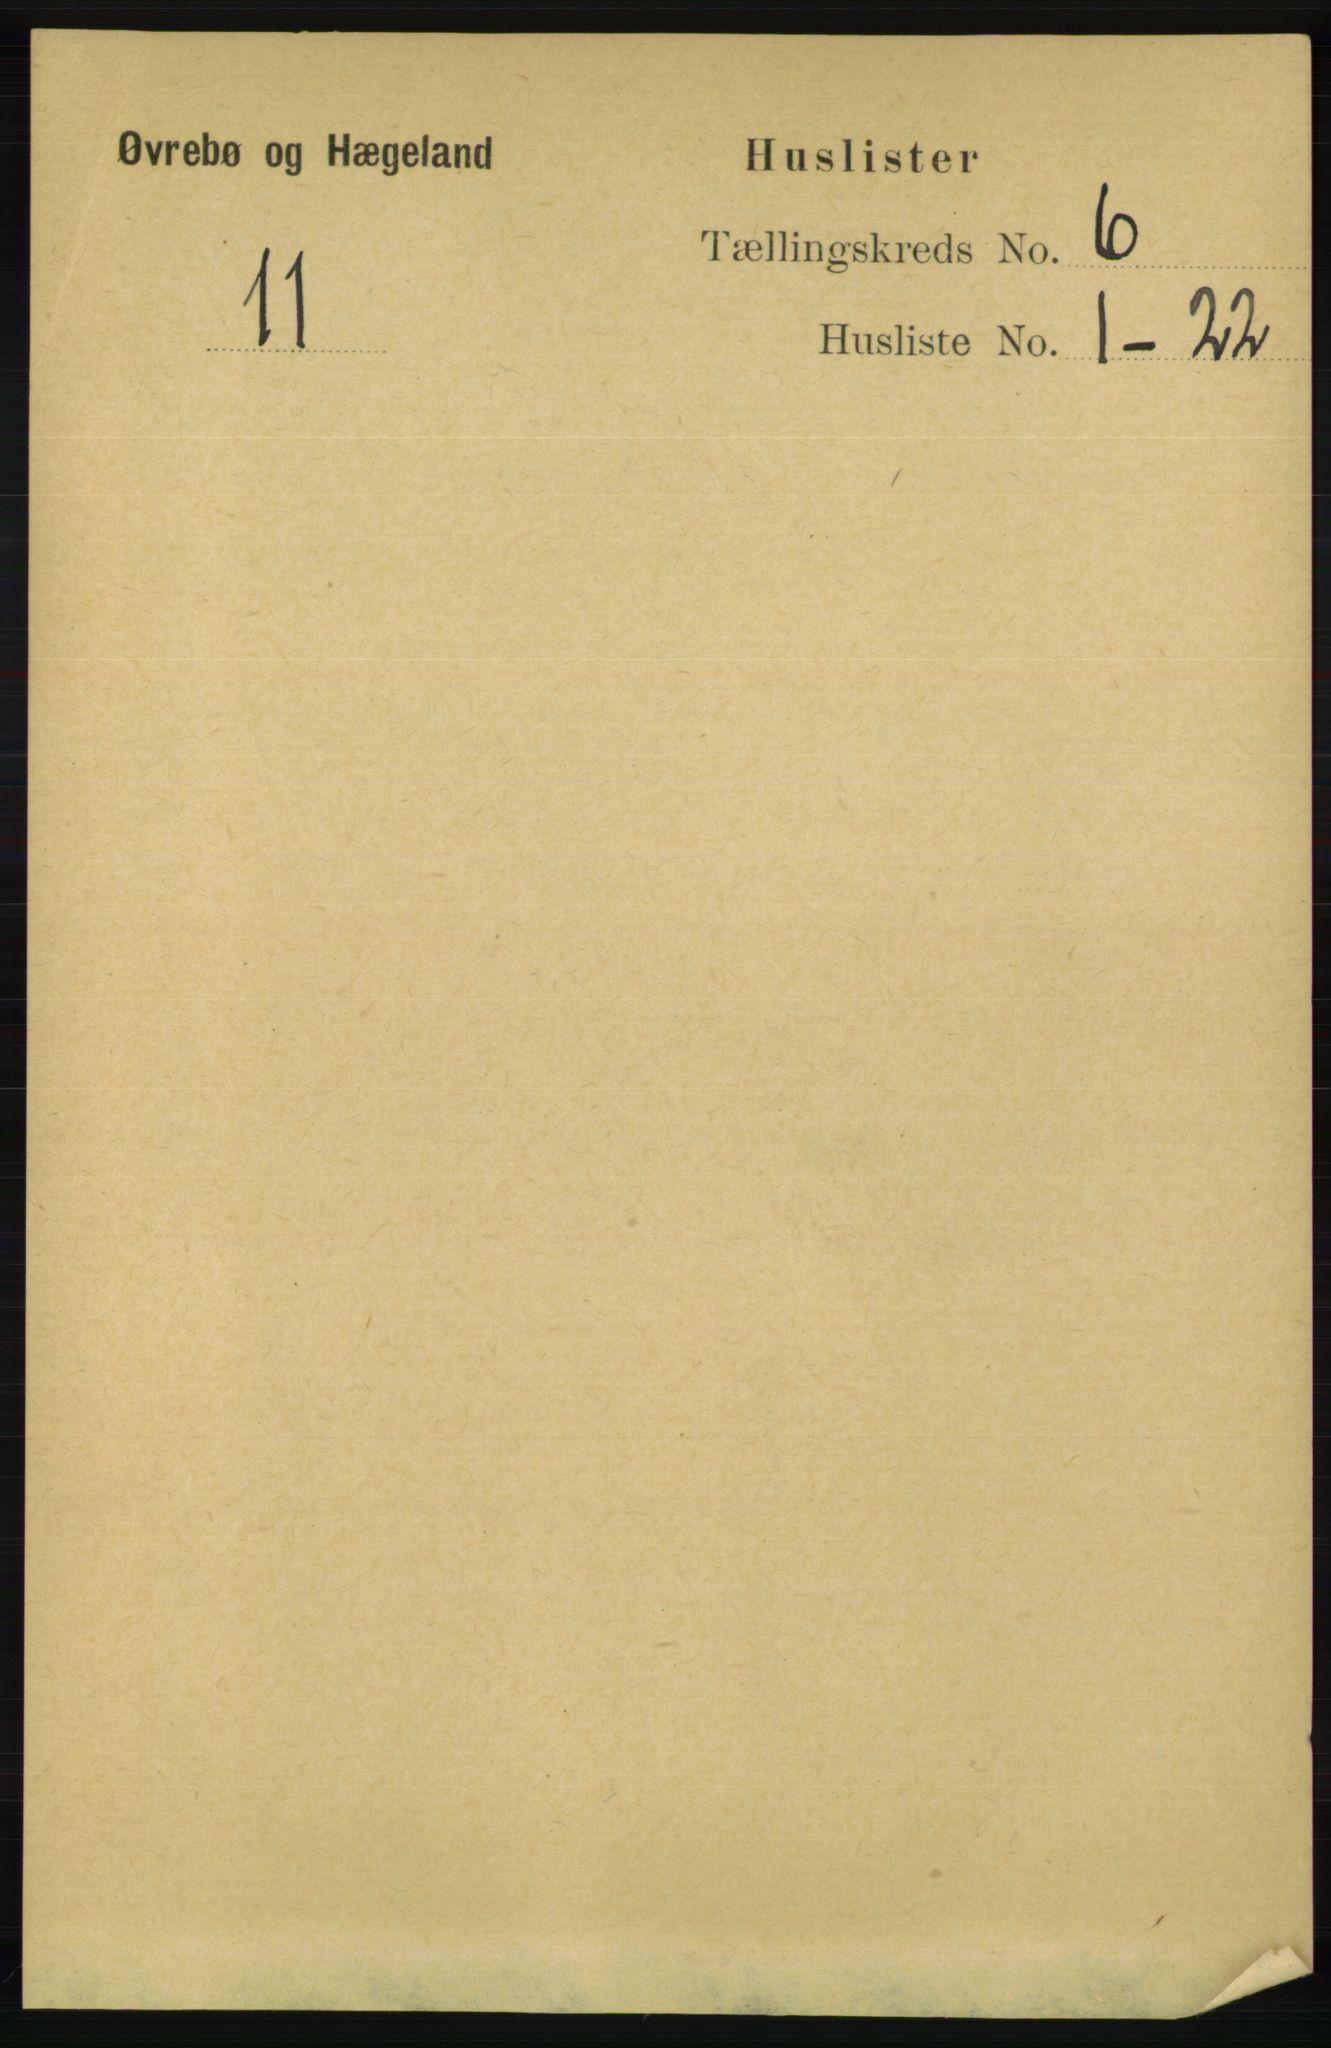 RA, Folketelling 1891 for 1016 Øvrebø og Hægeland herred, 1891, s. 1145